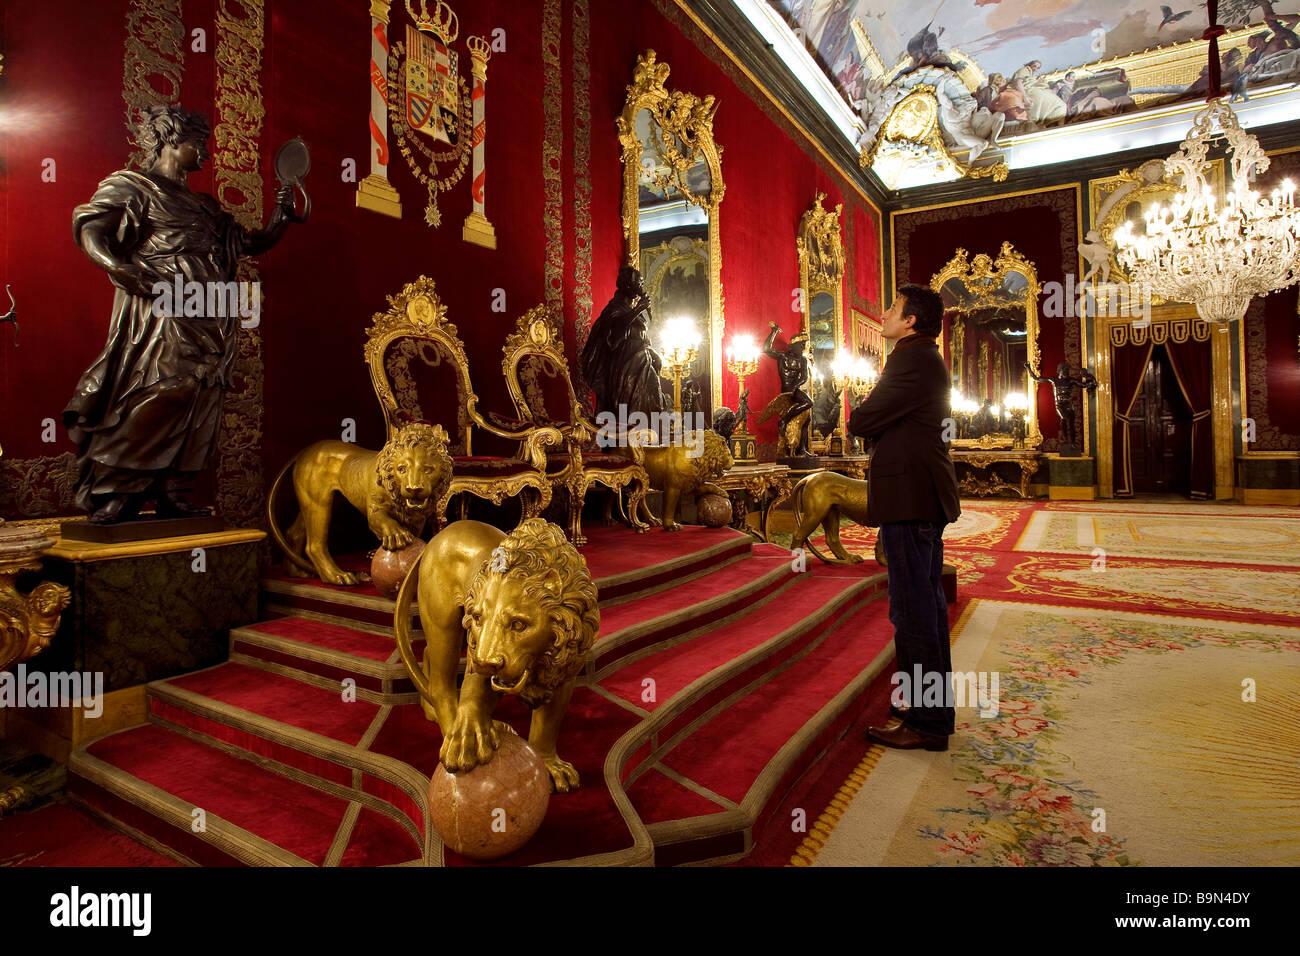 Palacio Real Madrid Throne Room Stock Photos Amp Palacio